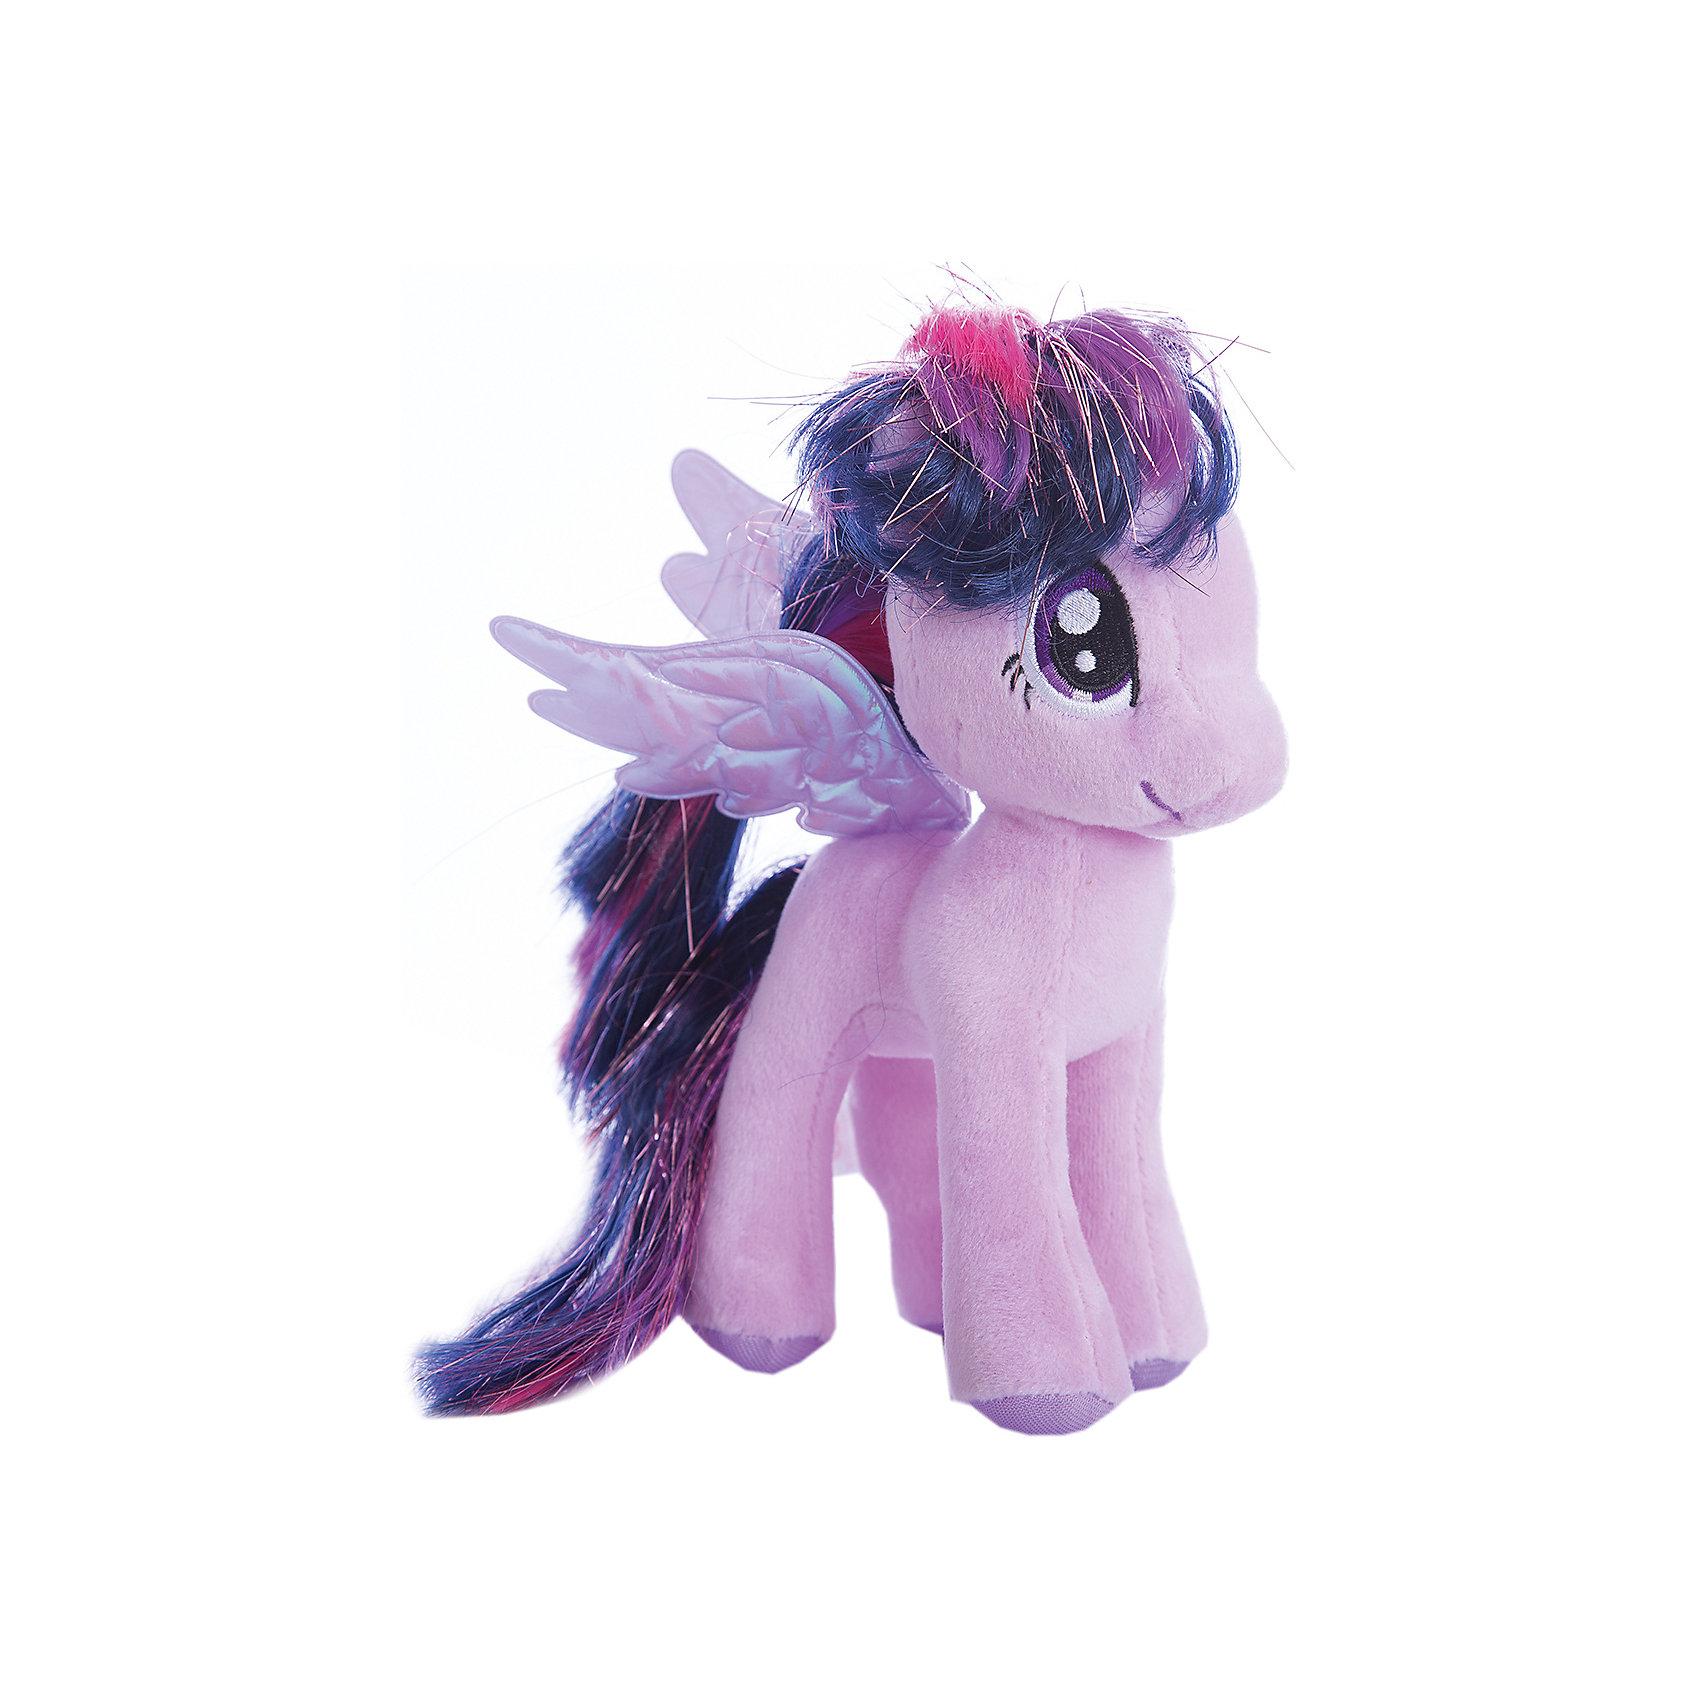 Пони Сумеречная искорка, 20 см, My Little Pony, TyМаленькие девочки очень любят животных. Особенно любят лошадей. Для маленькой девочки нужна и маленькая лошадка. Такой лошадкой является пони. Вашей дочке обязательно понравится красивая малышка: Pony Twilight Sparkle (Пони Сумеречная Искорка), которая станет новой любимицей ребенка. Чудесная милая Пони имеет яркую красивую окраску и шелковистую гриву. Большие выразительные глаза пони смотрят с такой трогательной добротой, что так и хочется взять игрушку  на руки и заботиться об этой малютке. <br><br>Дополнительная информация:<br><br>- Игрушка развивает: тактильные навыки, зрительную координацию, мелкую моторику рук;<br>- Идеальный подарок для любителей серии: My Little Pony (Моя Маленькая Пони);<br>- Материалы не вызовут аллергии у Вашего малыша;<br>- Приятная на ощупь;<br>- Яркие и стойкие цвета приятны для глаз;<br>- Материал: плюш;<br>- Высота игрушки: 20 см;<br>- Вес: 89 г<br><br>Pony Twilight Sparkle (Пони Сумеречная Искорка), 20 см, My Little Pony, Ty можно купить в нашем интернет-магазине.<br><br>Ширина мм: 330<br>Глубина мм: 330<br>Высота мм: 330<br>Вес г: 89<br>Возраст от месяцев: 36<br>Возраст до месяцев: 120<br>Пол: Унисекс<br>Возраст: Детский<br>SKU: 3676500